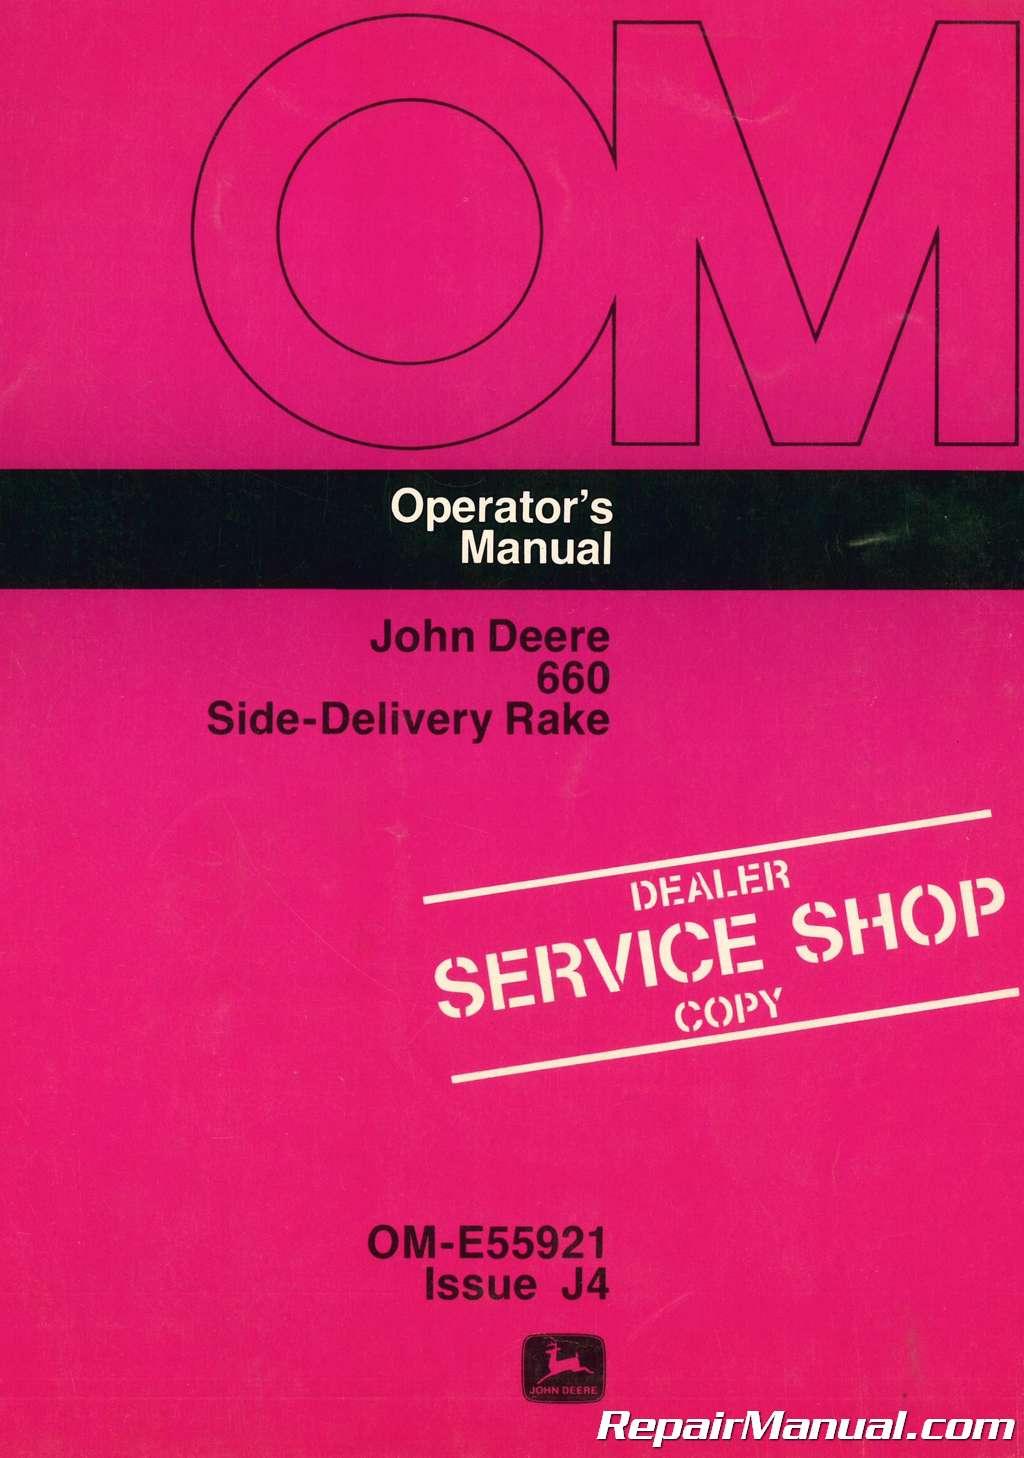 John Deere 518R Operator Manual